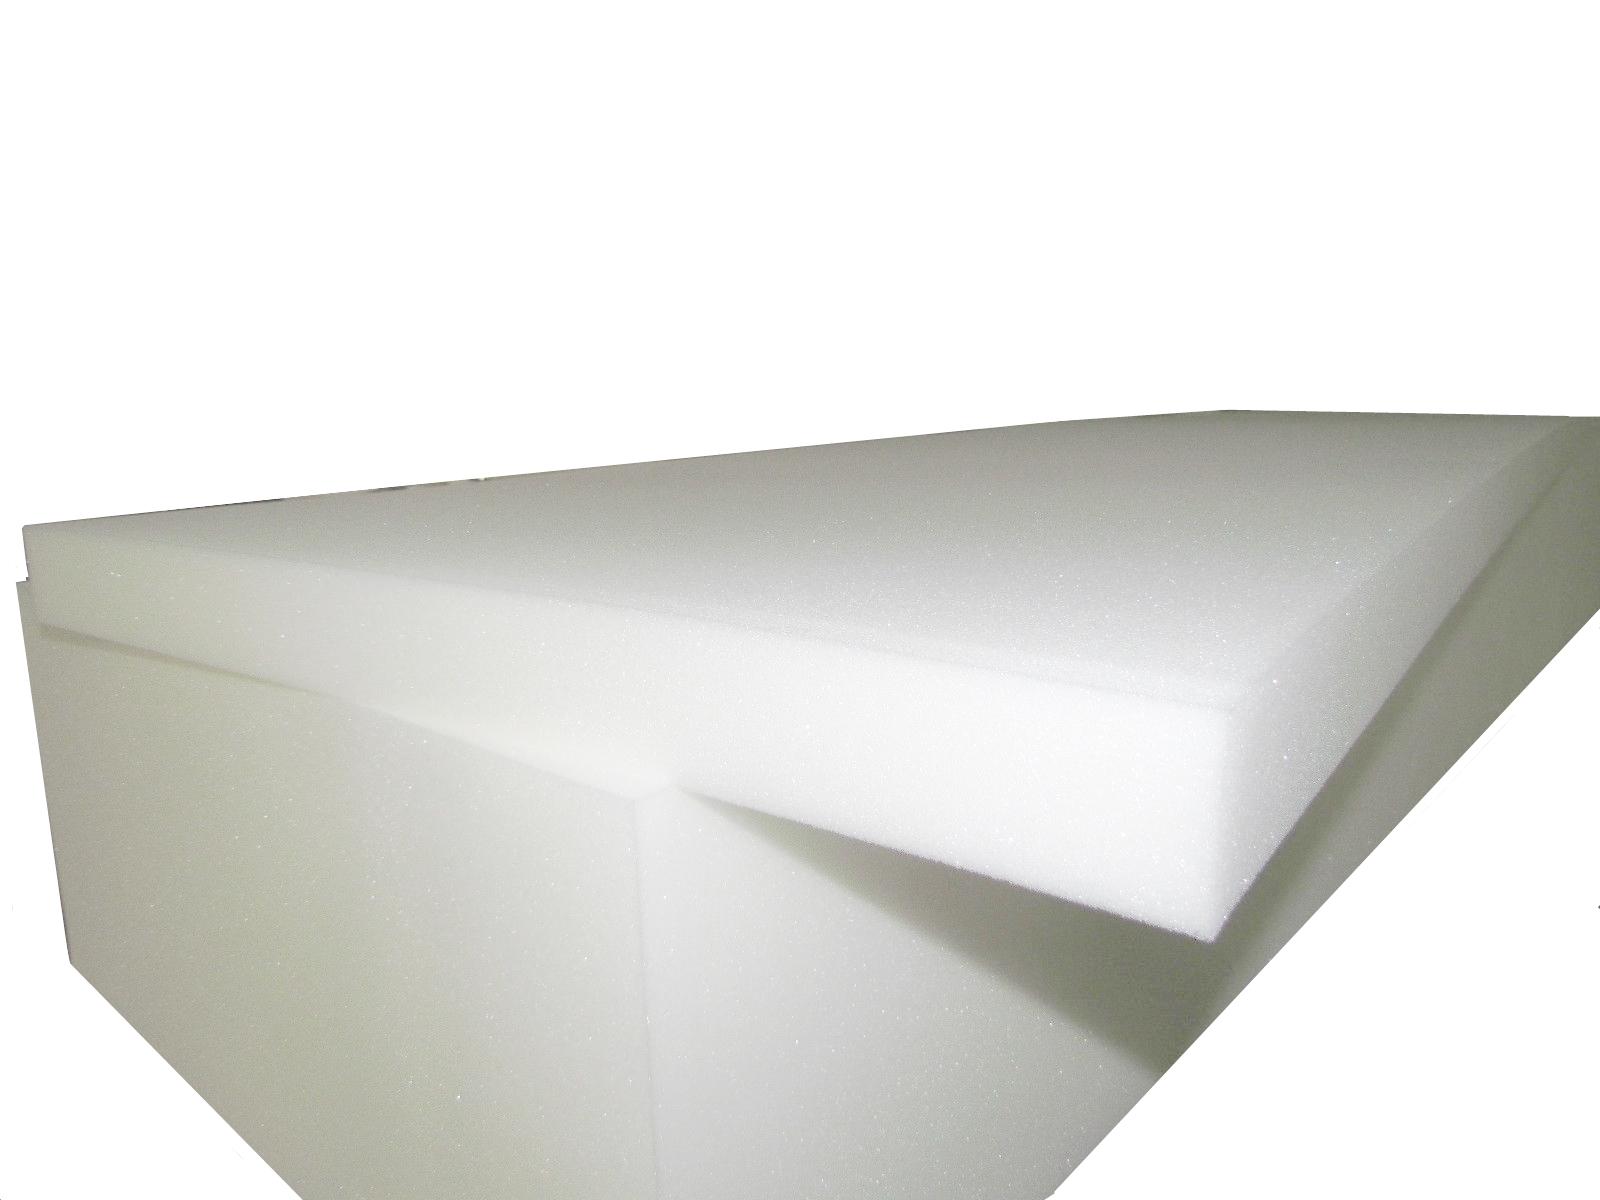 New 3 X60 X80 Medium Firm Foam Rubber Queen Size Mattress 1636 Ritchie Foam And Mattress